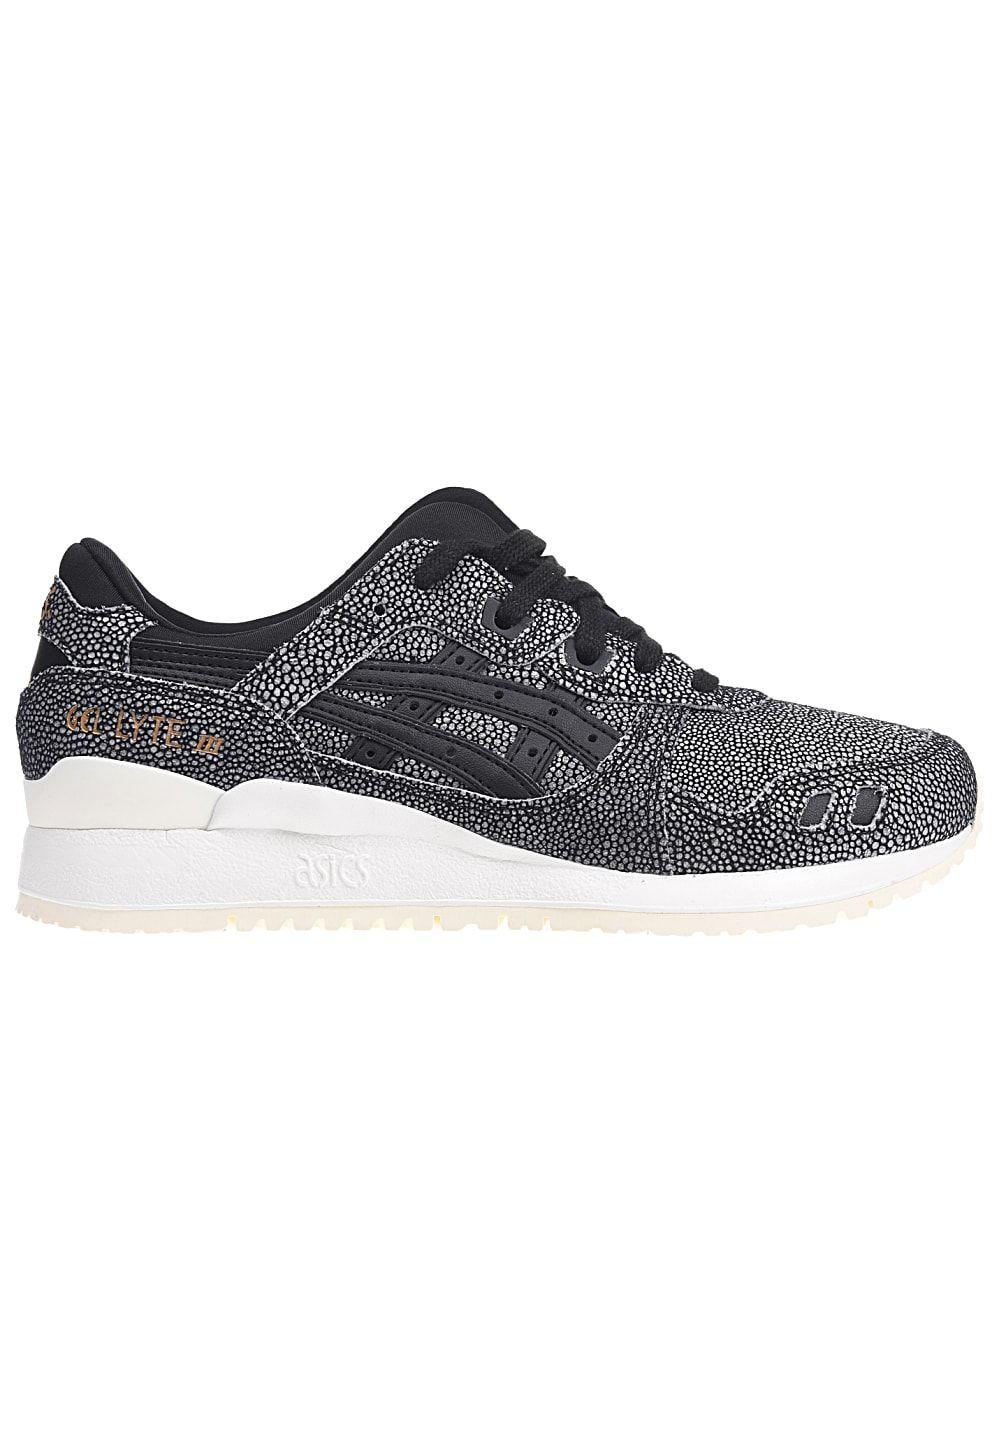 Tiger Gel sneakers Für Schwarz Sneaker Damen Asics Lyte Iii asics 1A5xAvd